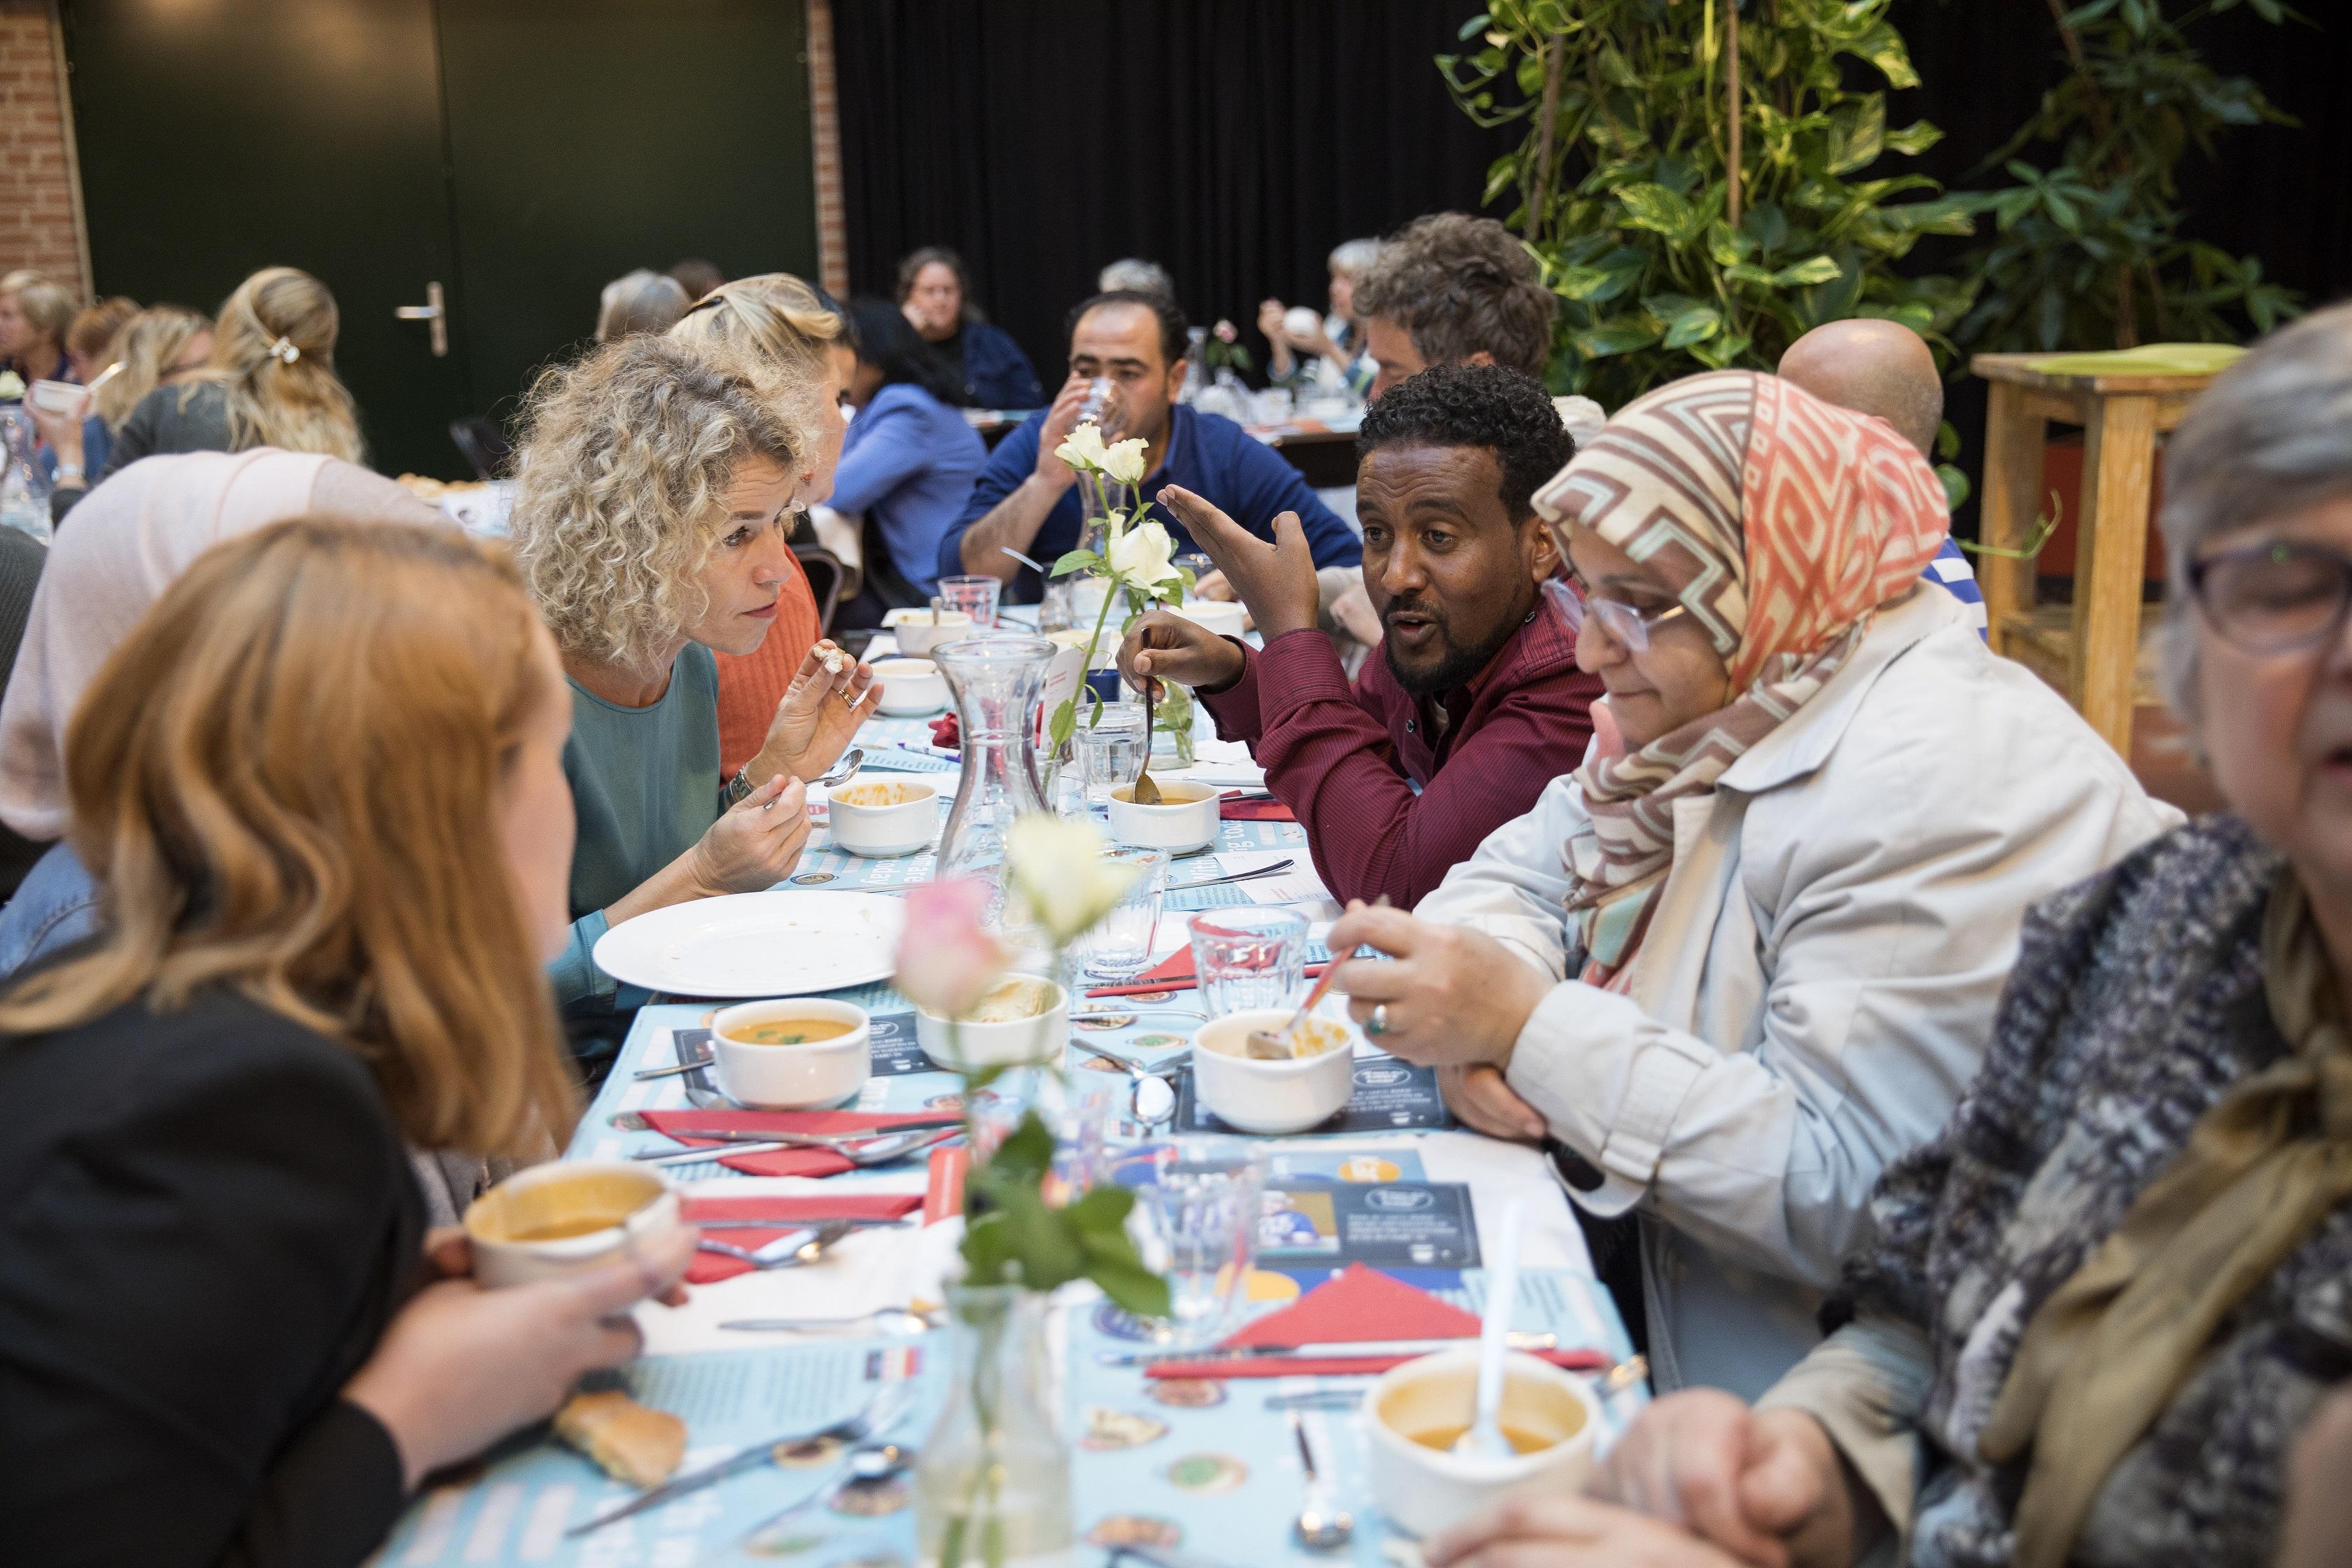 Integratiediner met Resto VanHarte en VluchtelingenWerk. (Foto: aangeleverd)